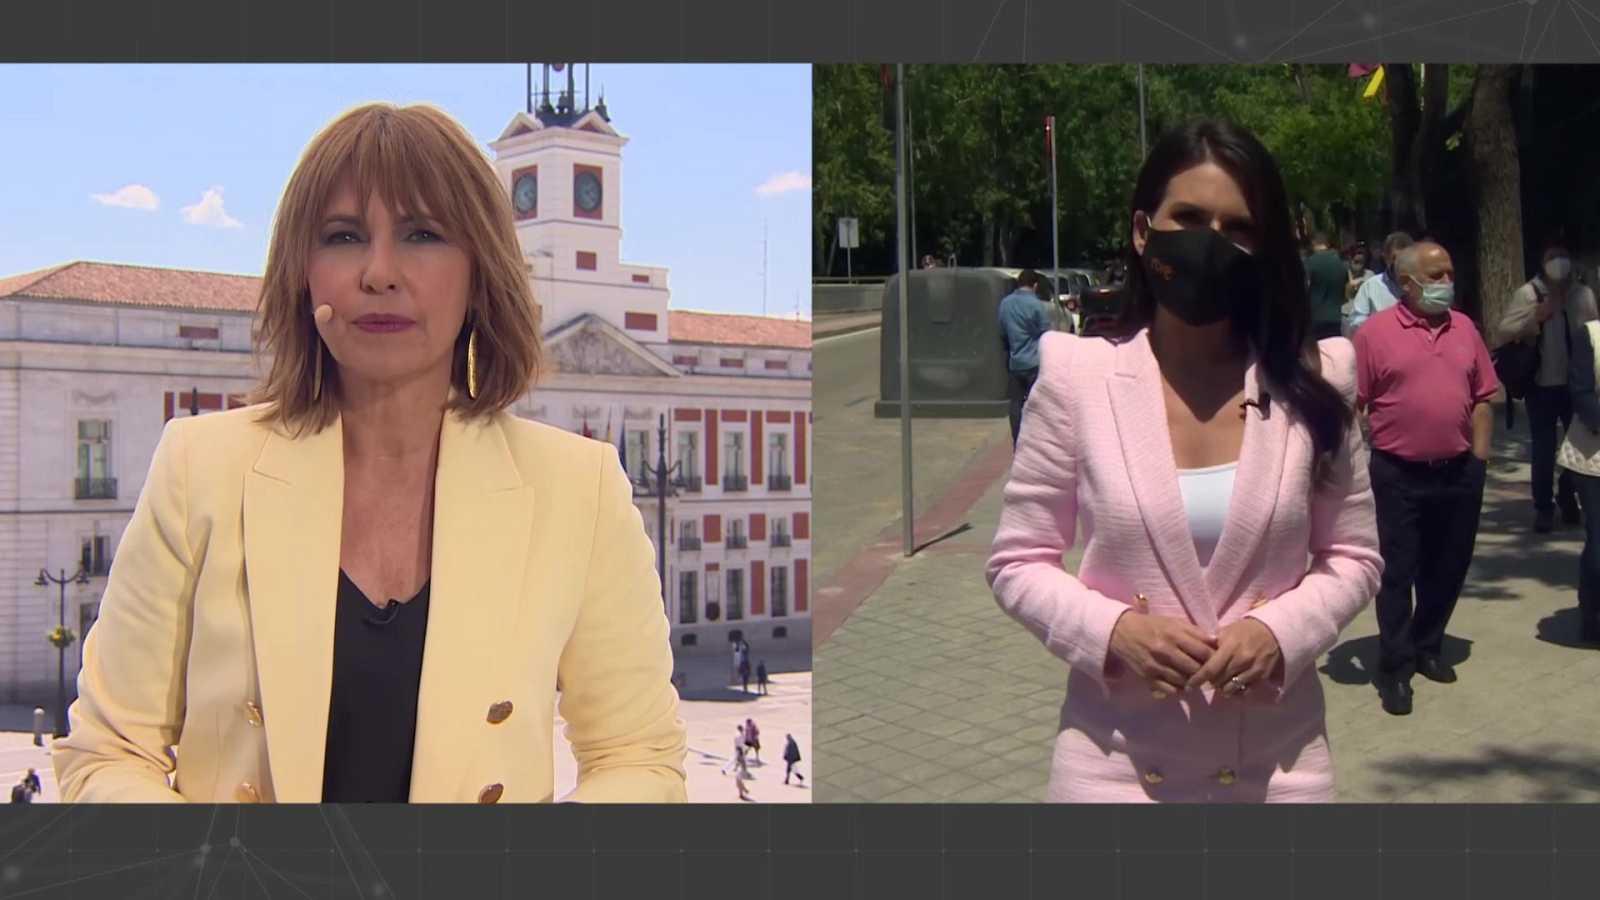 Avance informativo - Jornada electoral autonómica en Madrid (3) - ver ahora